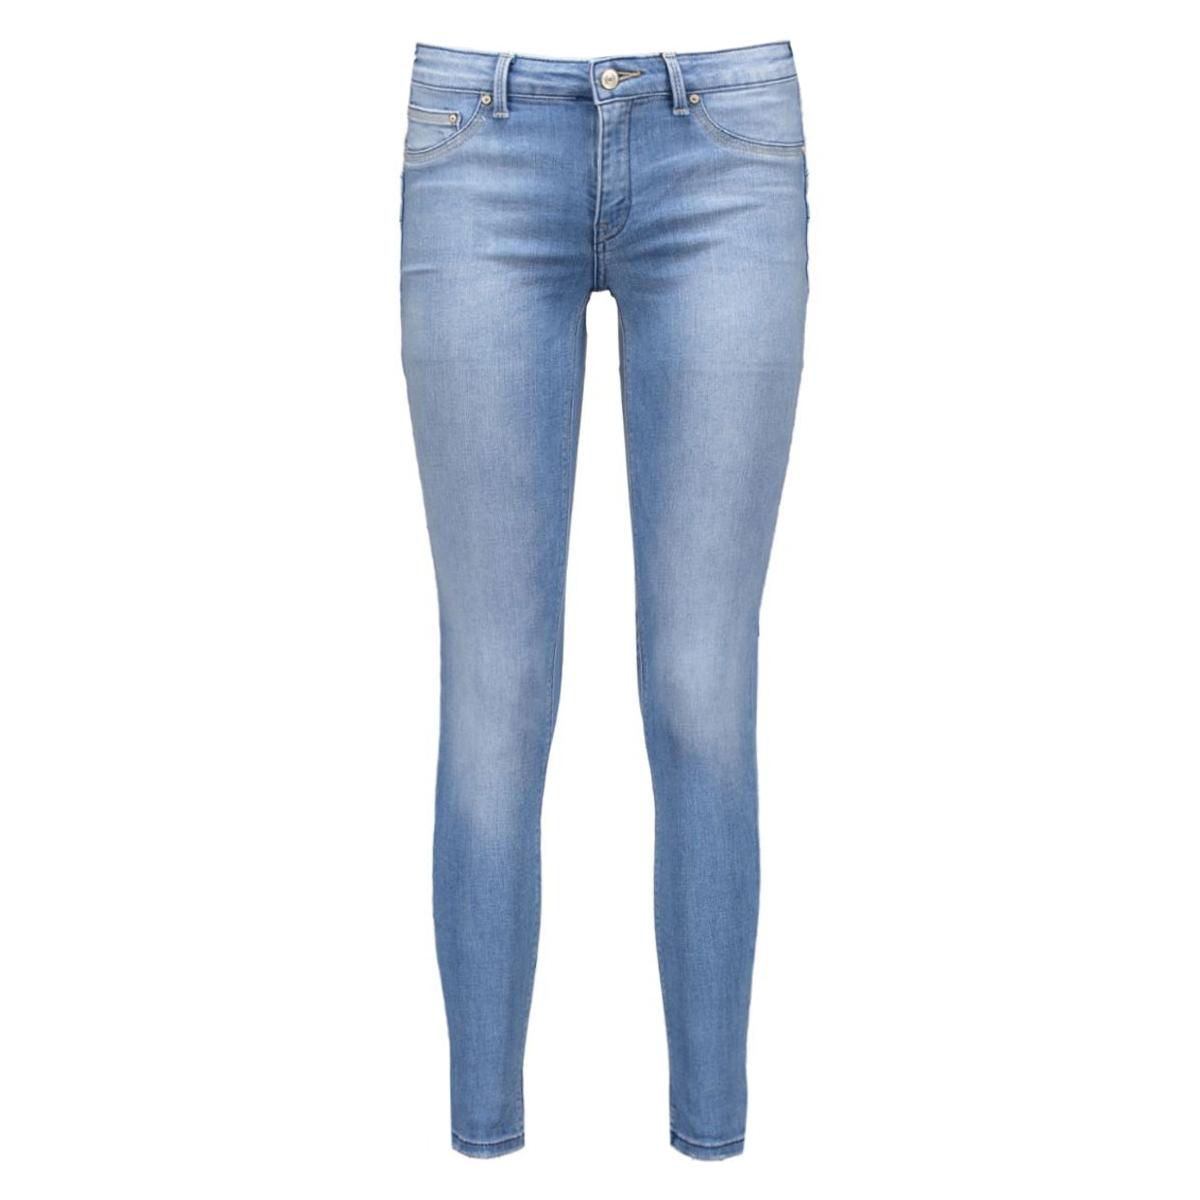 jeans kim7 mango broeken 73070027-tm